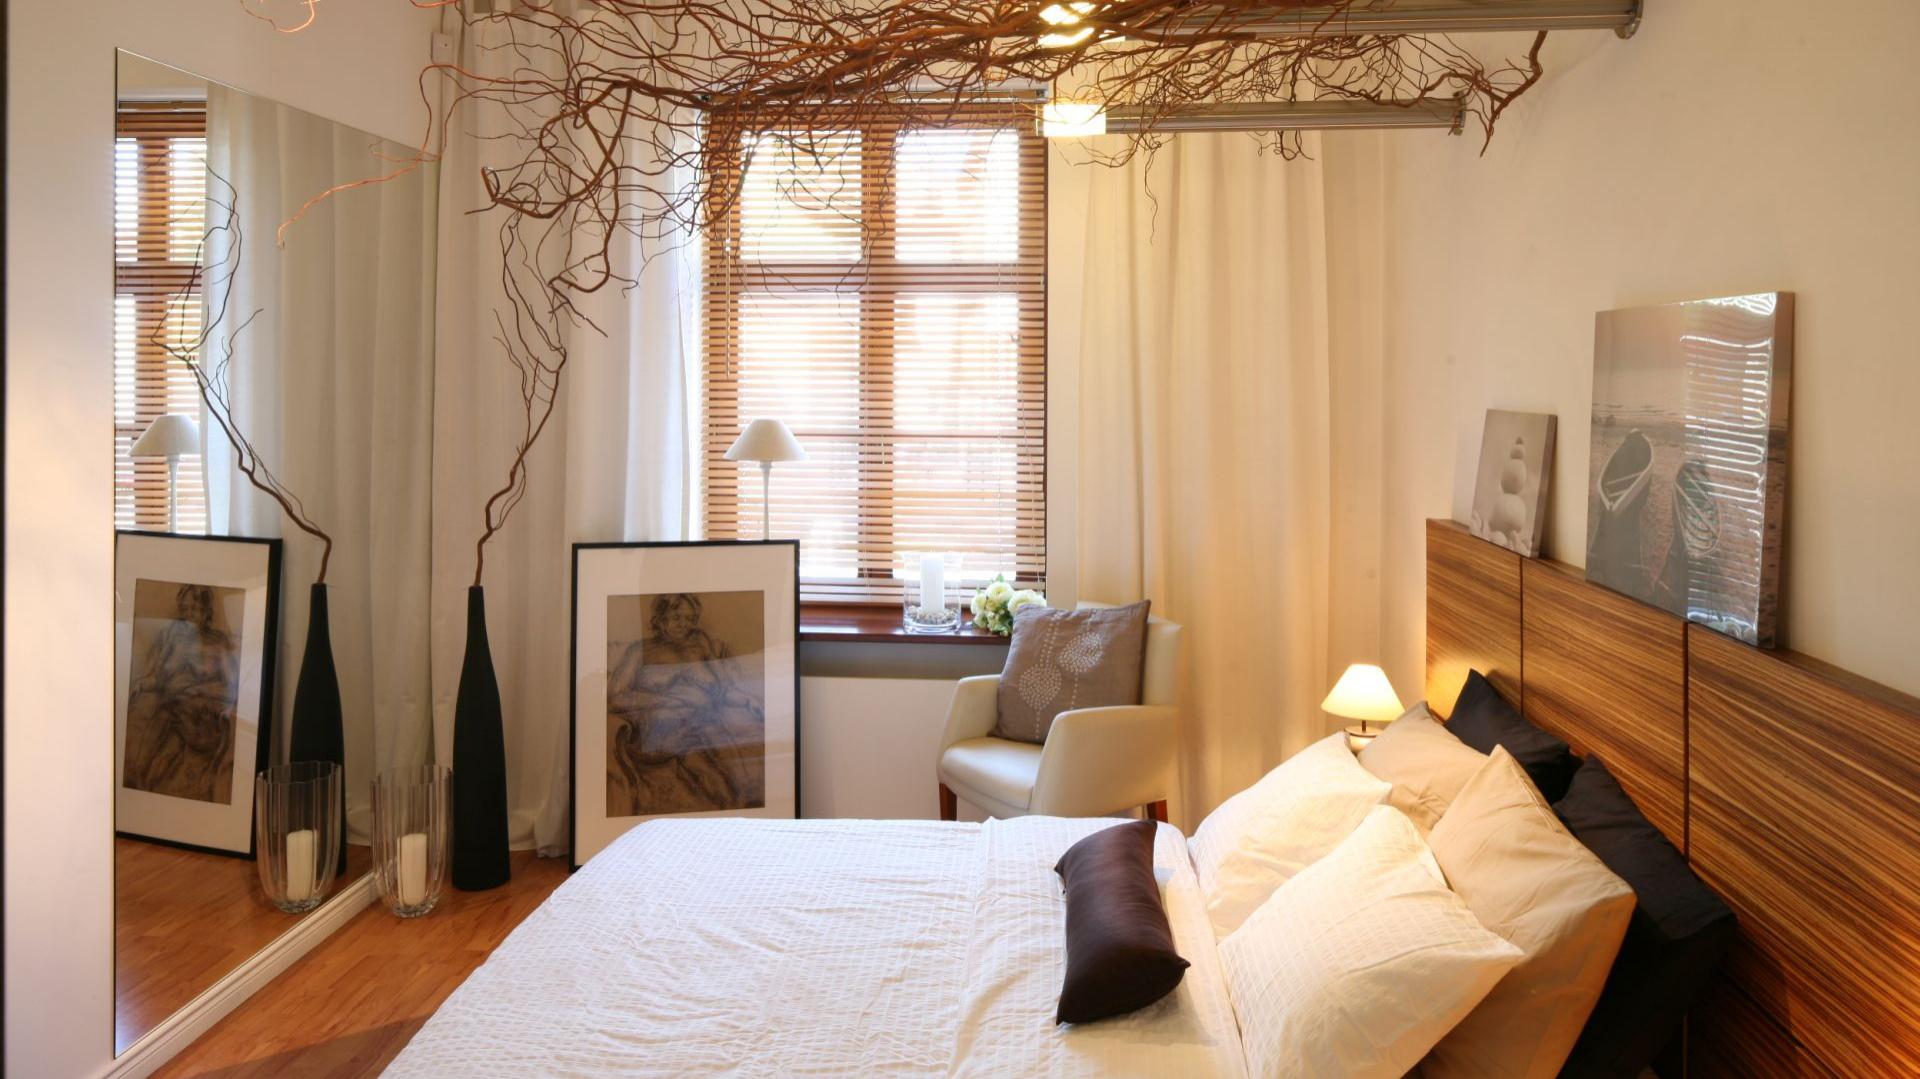 Naturalna aranżacja sypialni sprawi, że będziemy odpoczywać jak gdybyśmy byli na łonie natury. Projekt: Urszula i Jakub Górscy Fot. Bartosz Jarosz.